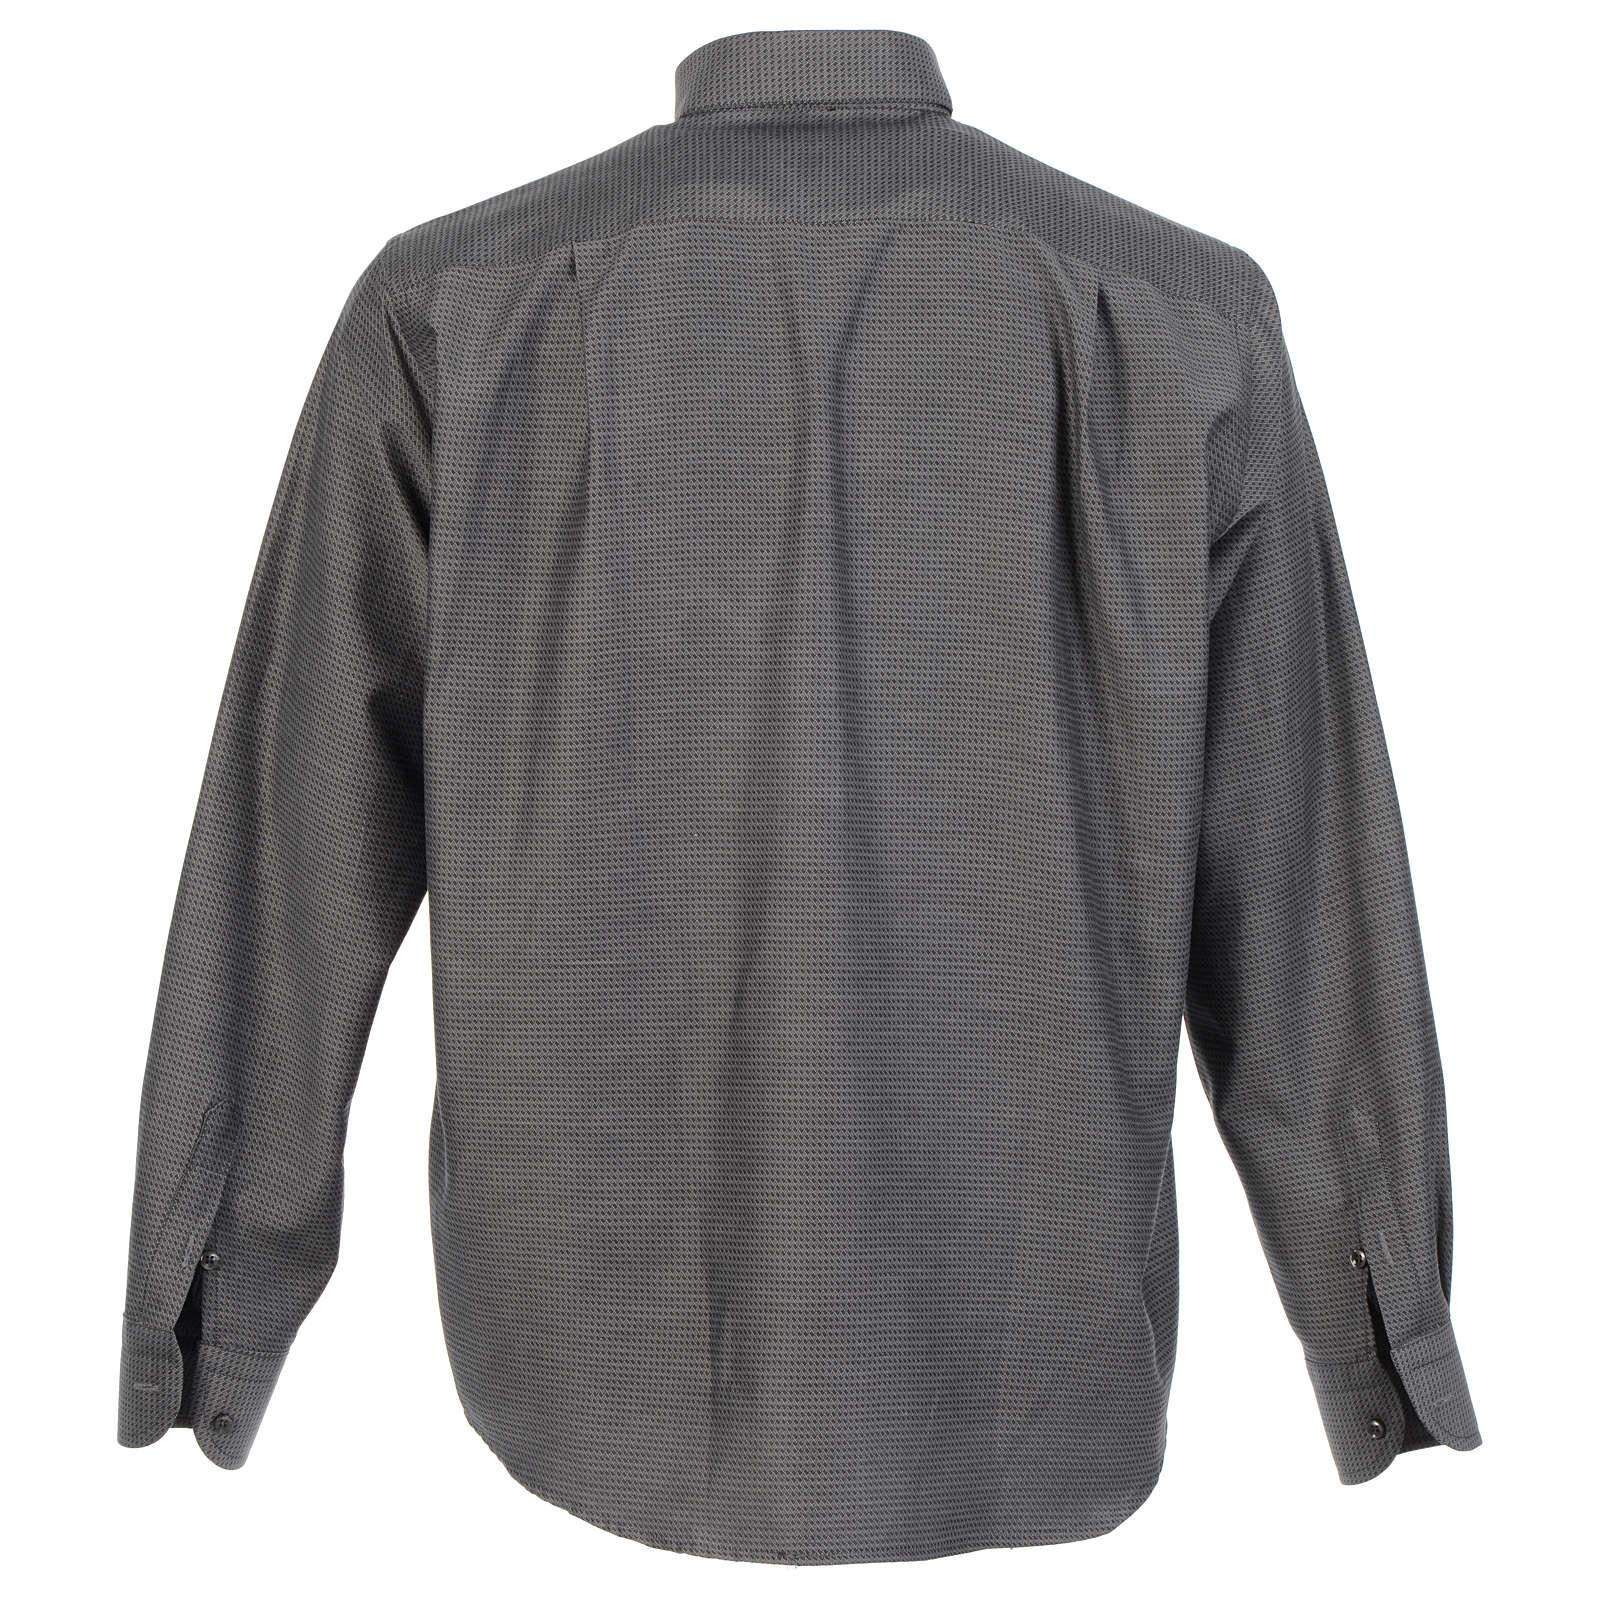 Camicia clergy jacquard grigio manica lunga 4